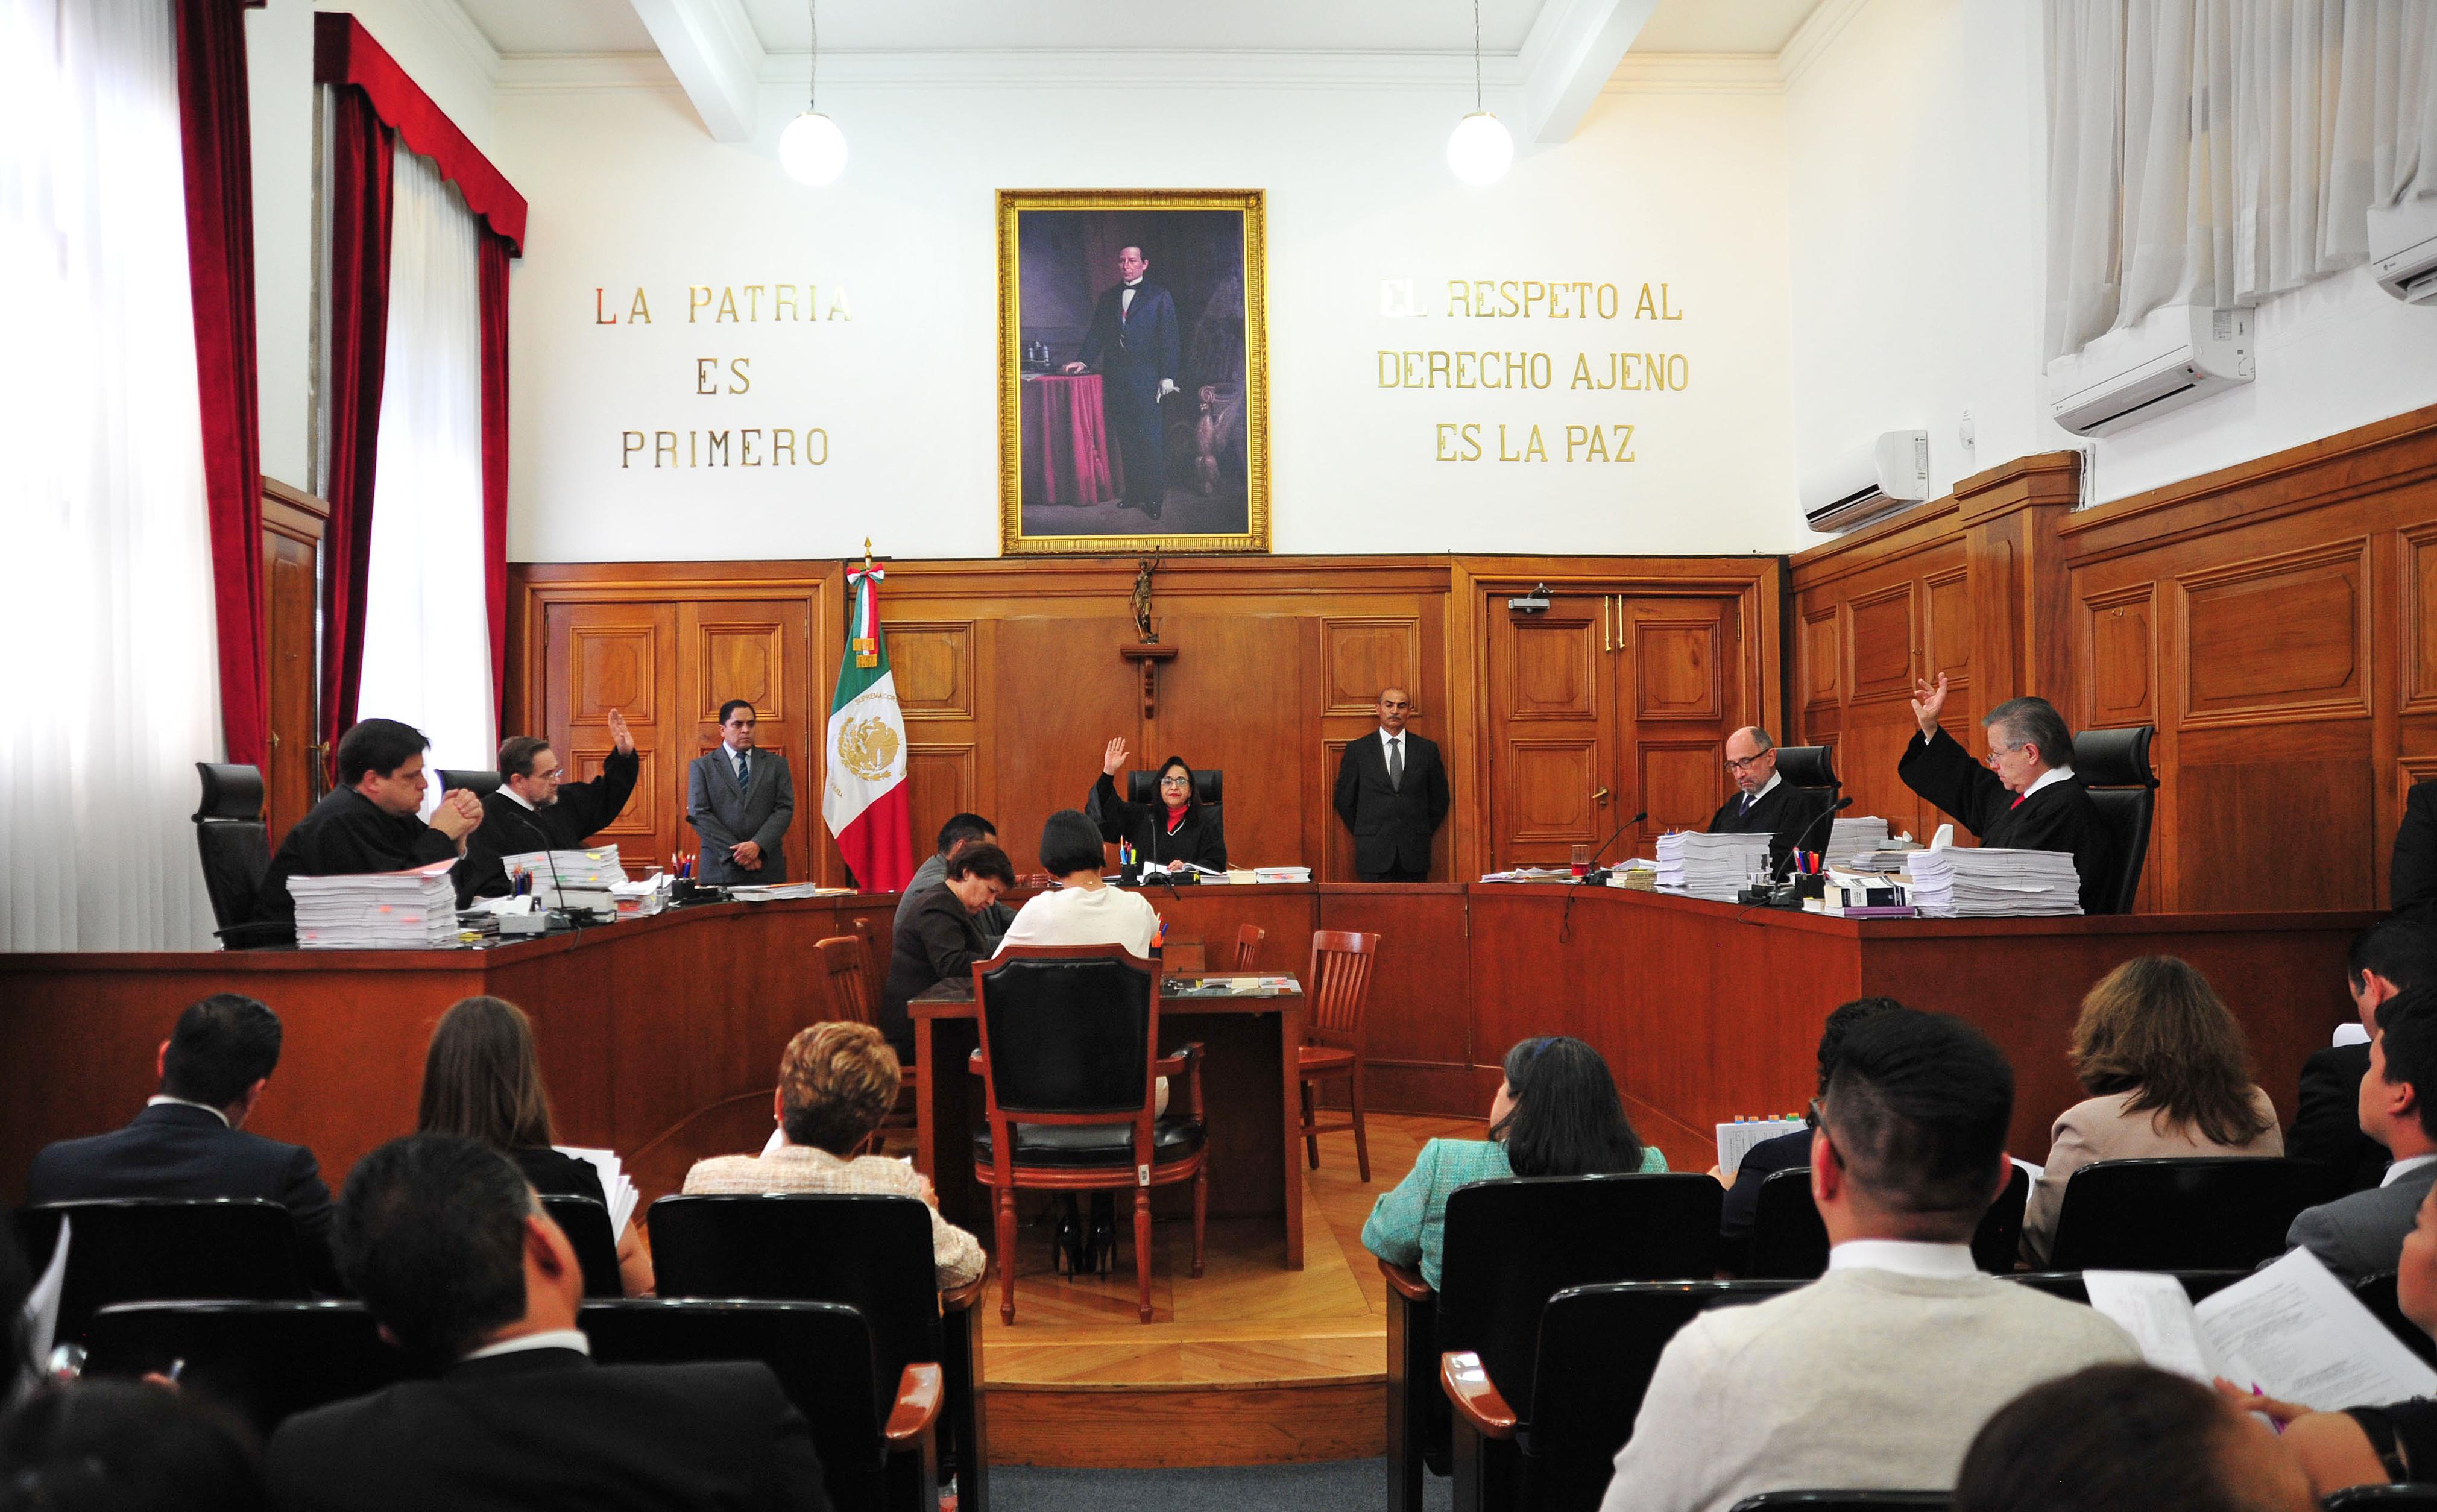 Corte mexicana admite recurso de inconstitucionalidad contra ley de seguridad